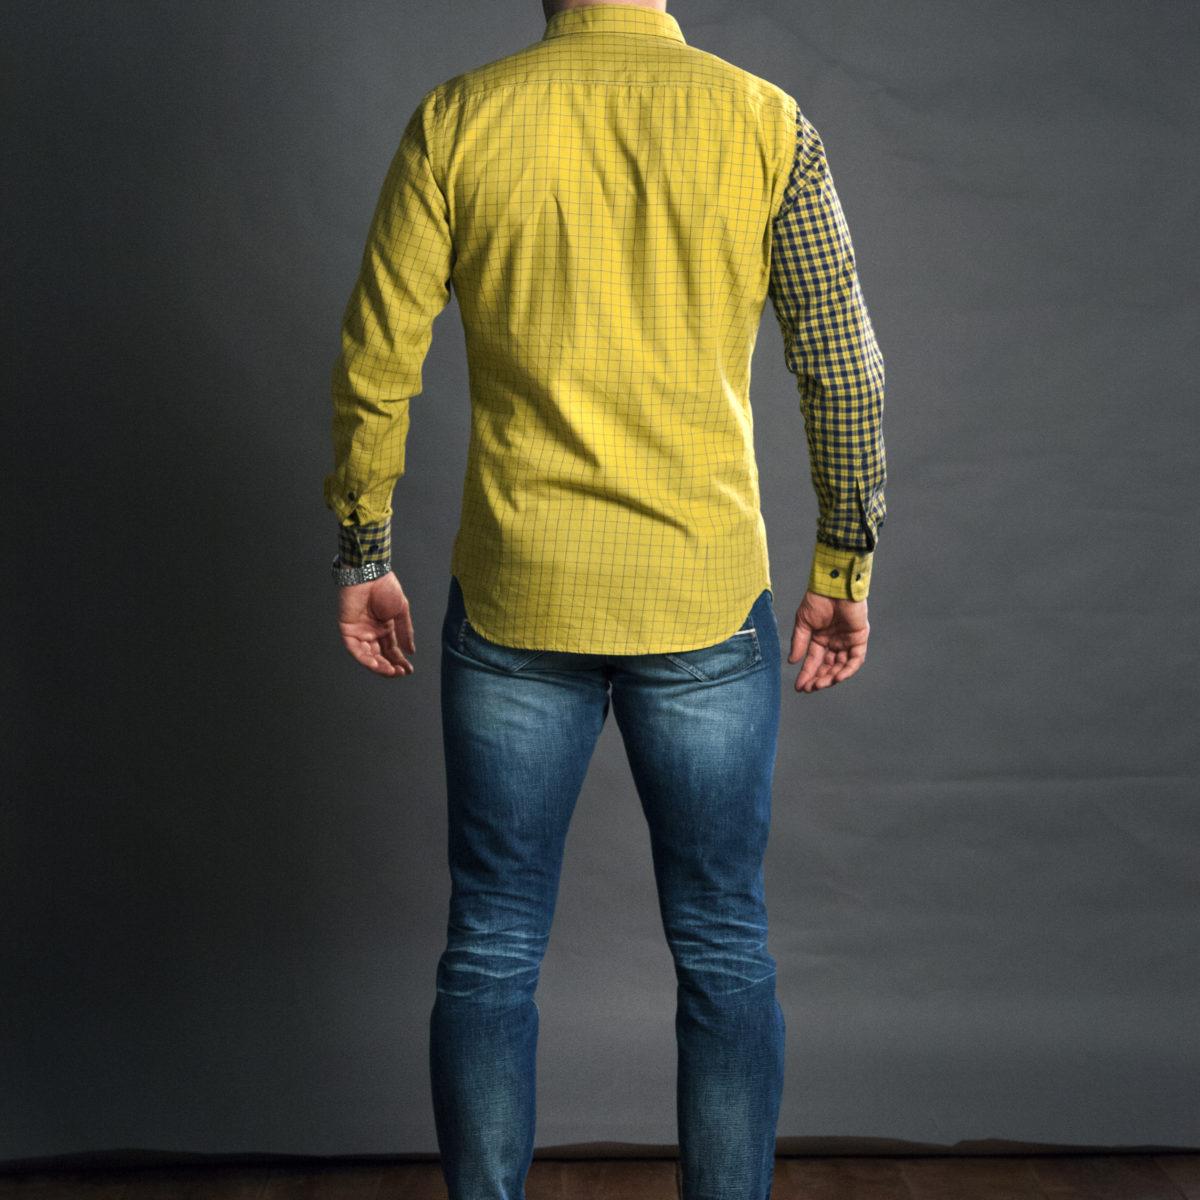 Pánská žlutá kostkovaná košile na míru s dlouhým rukávem